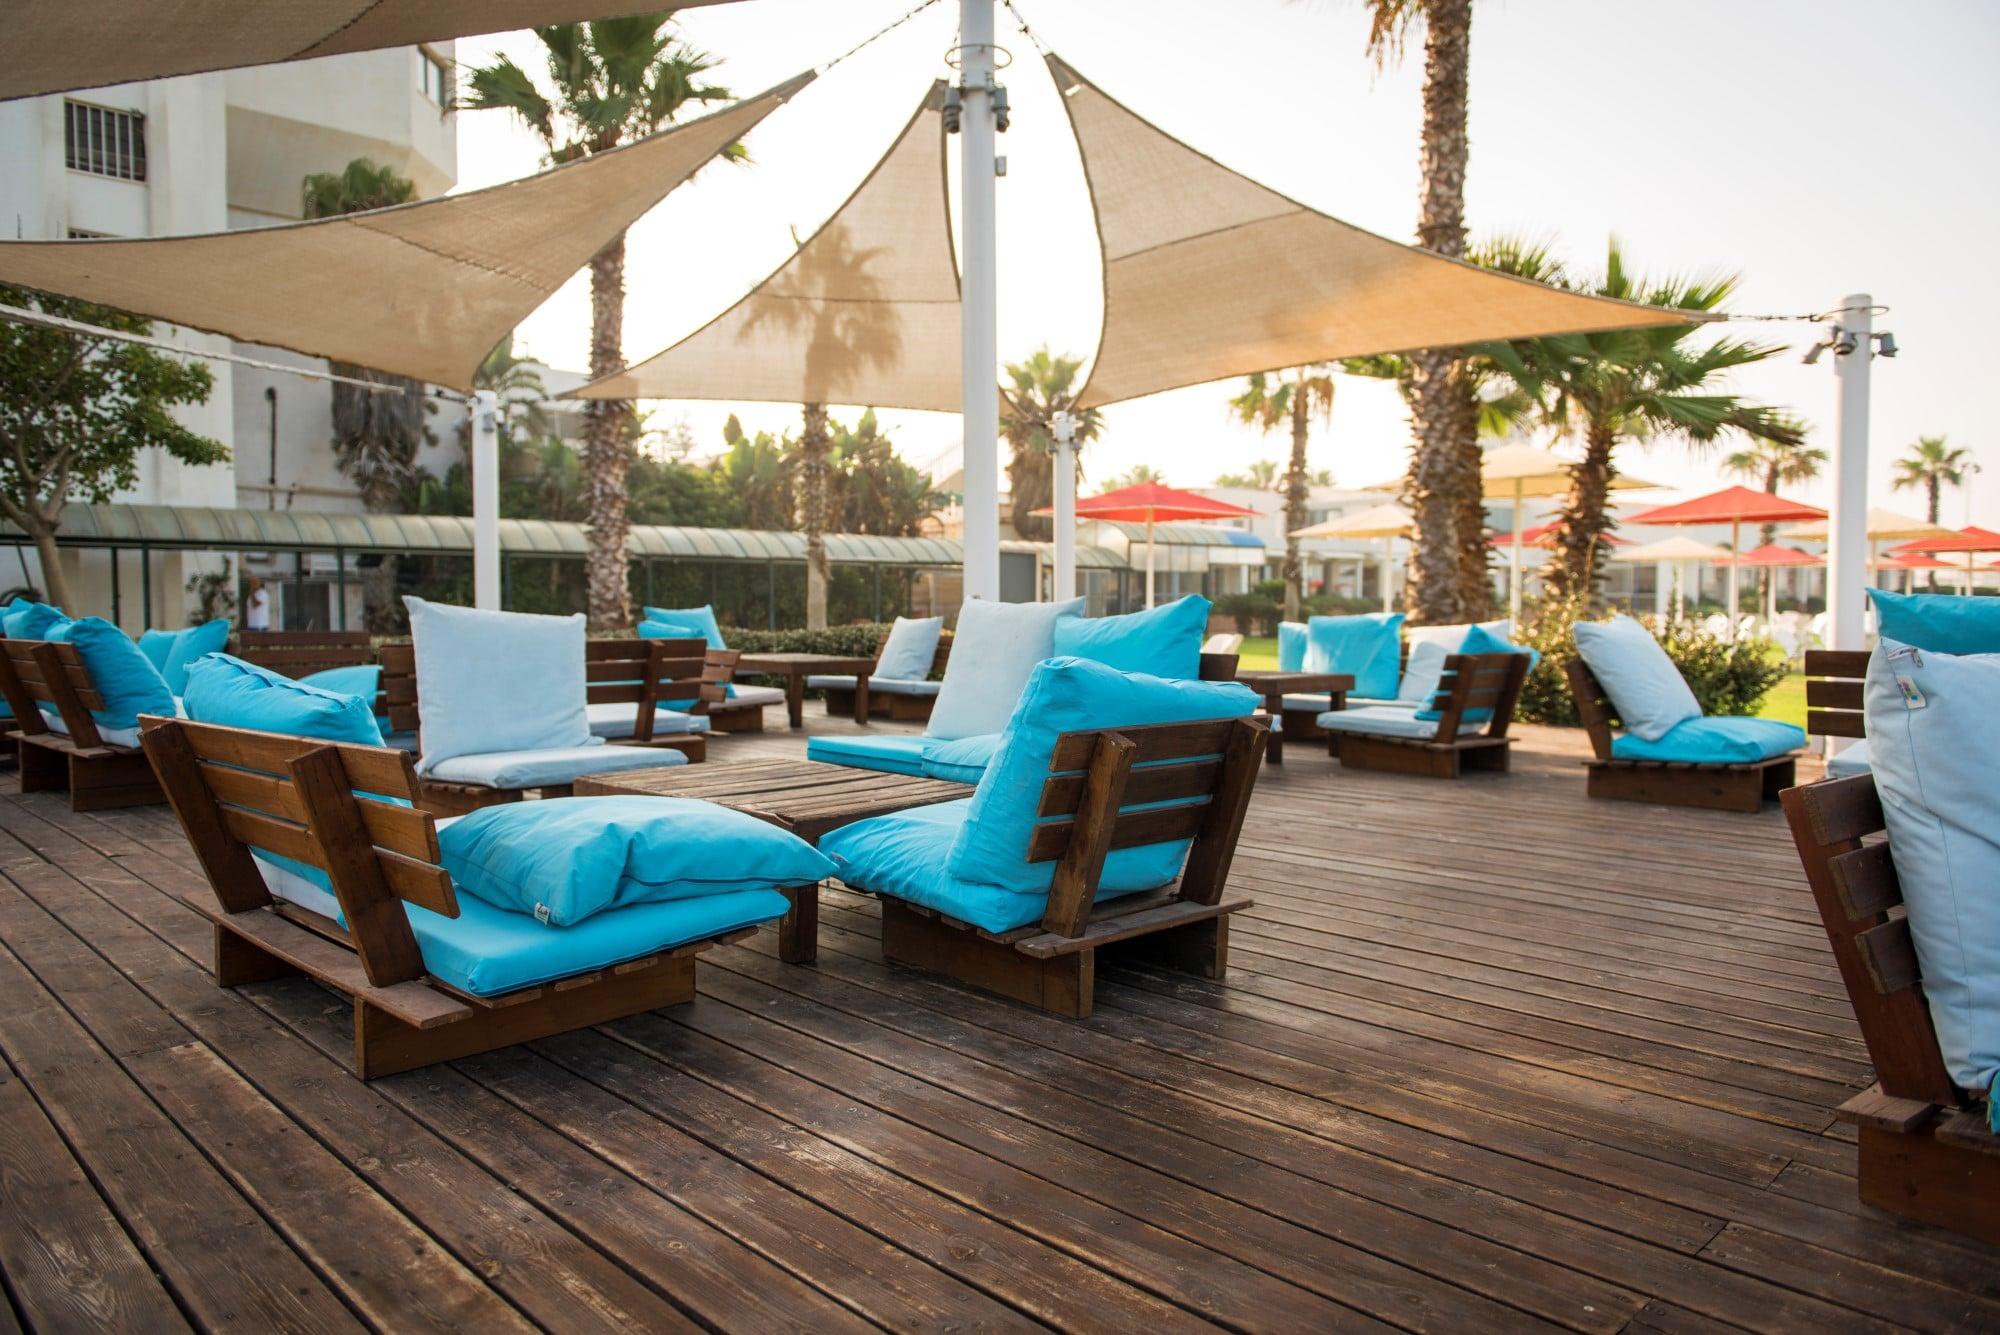 מלון רימונים חוף התמרים עכו. צילום שרון בראון (23) (Custom)